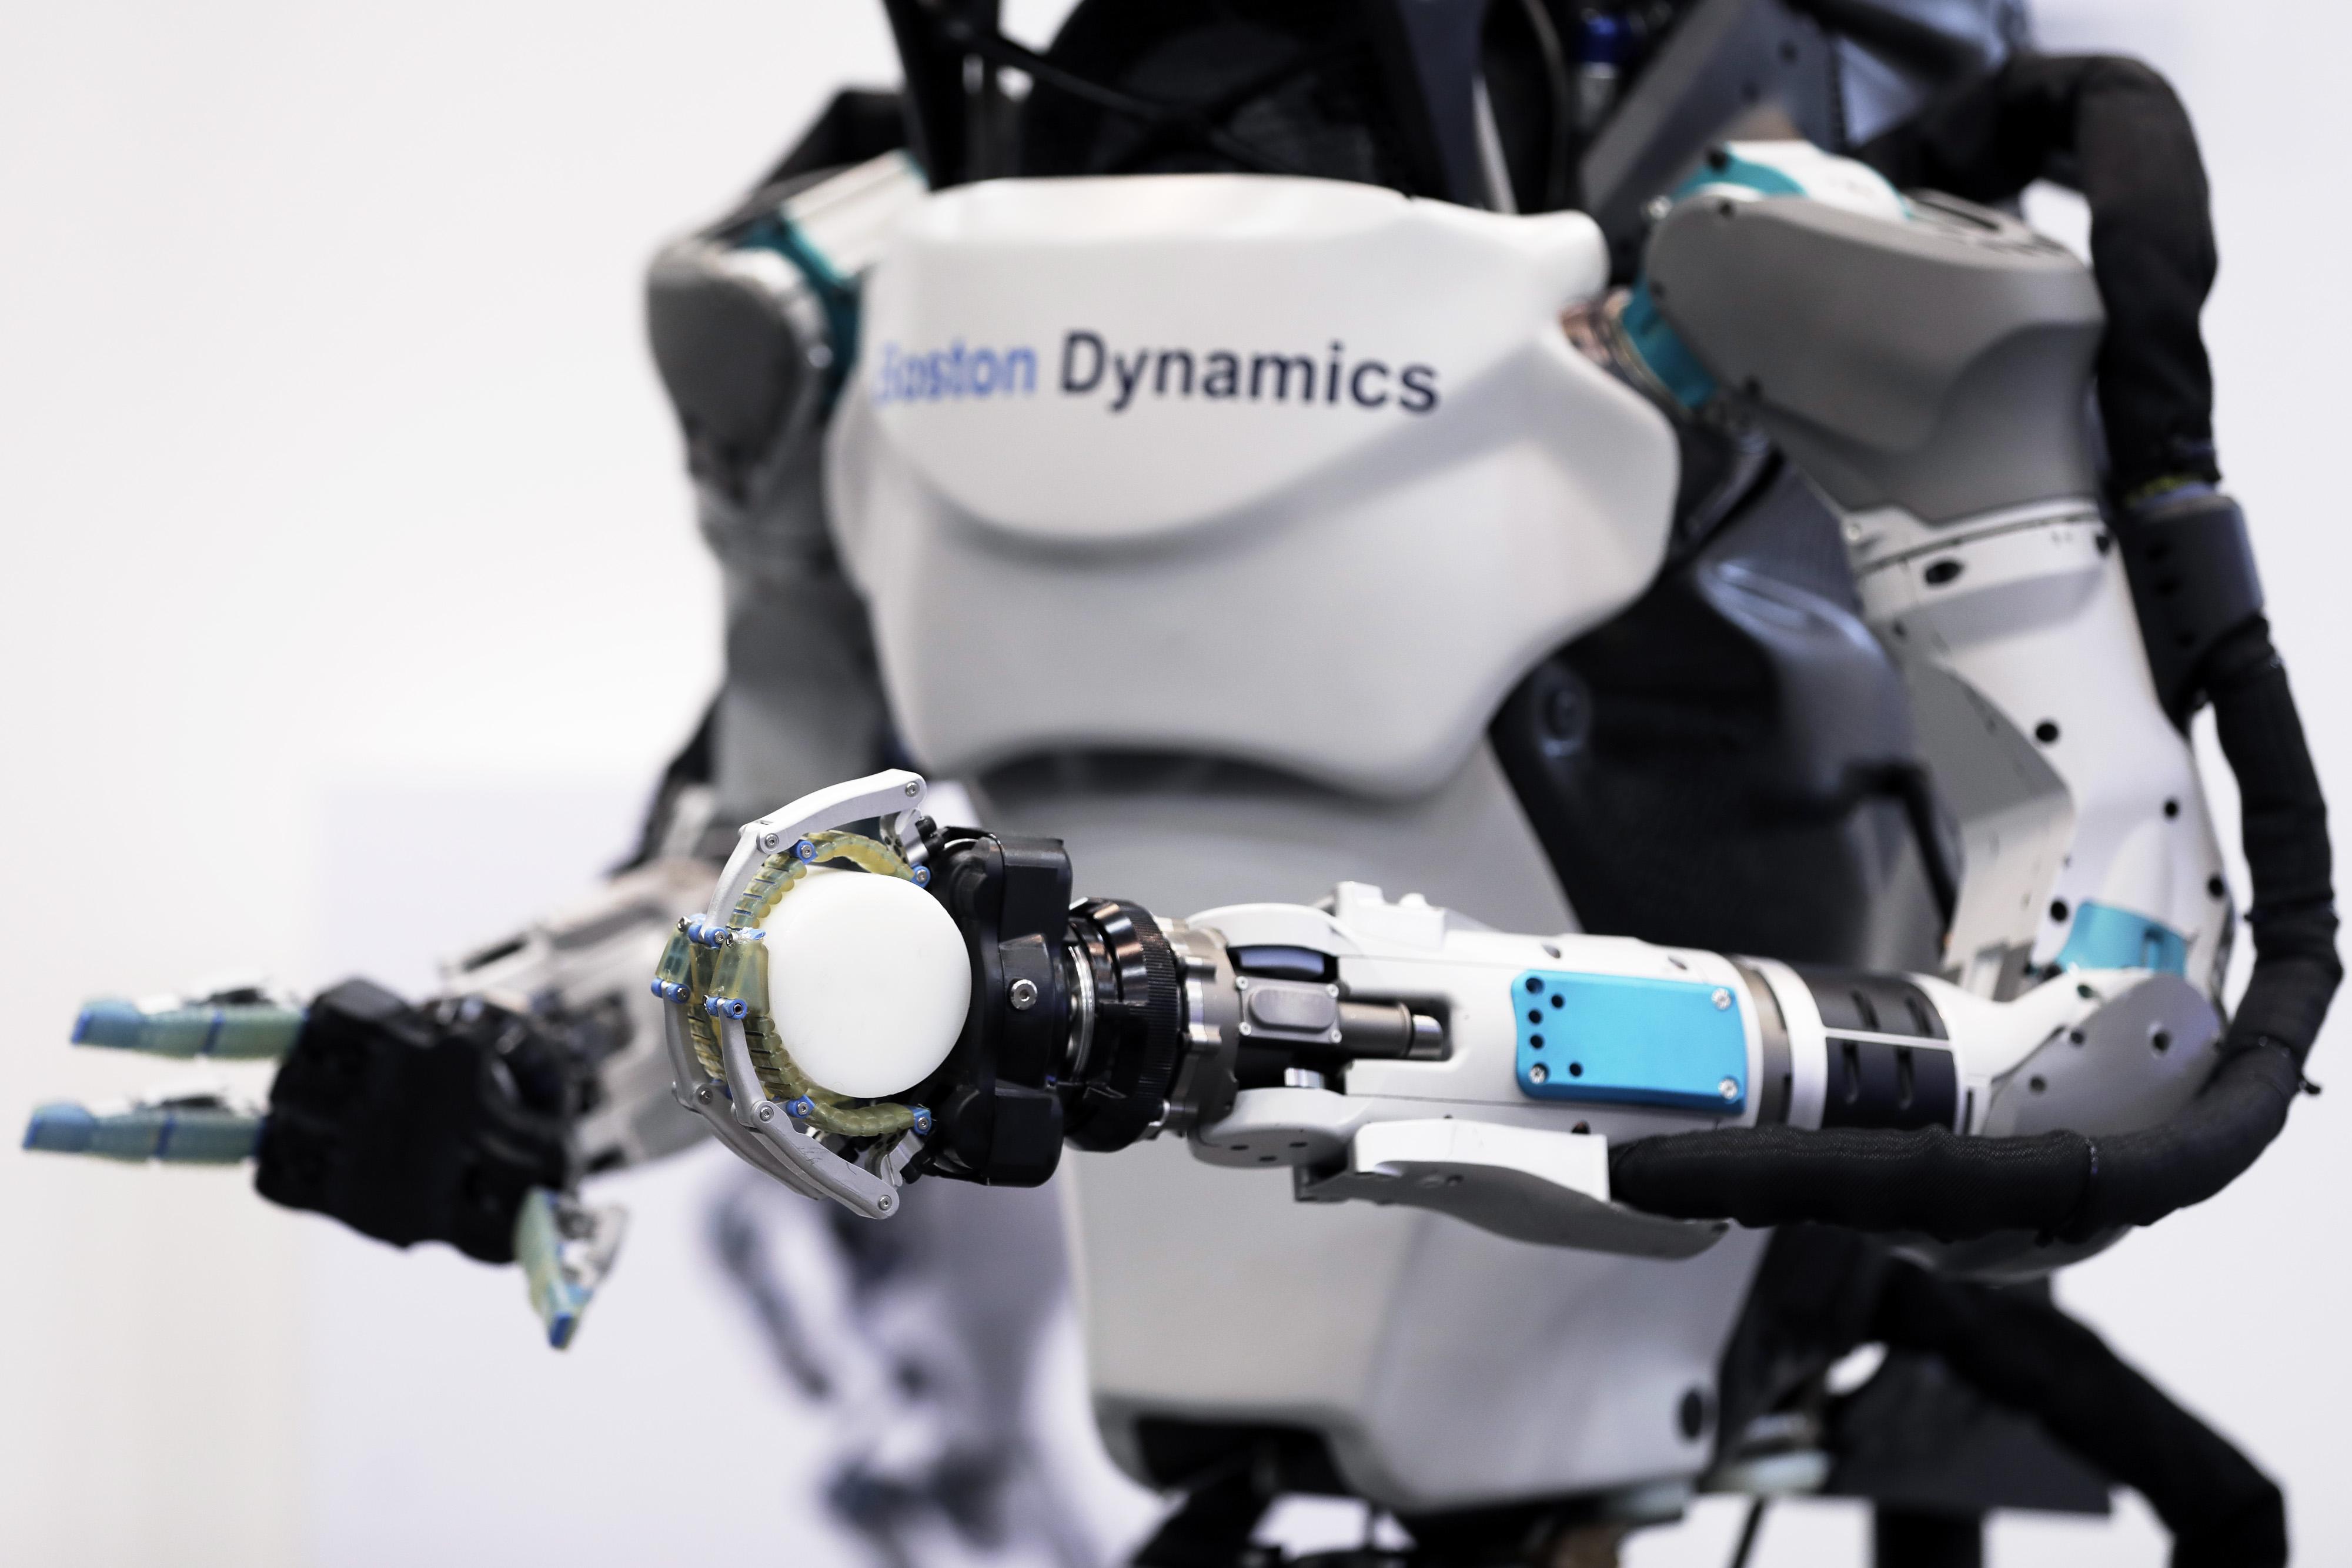 https://assets.sourcemedia.com/cc/92/3586f916481f863fd81a03e93bba/japanese-robots.jpg